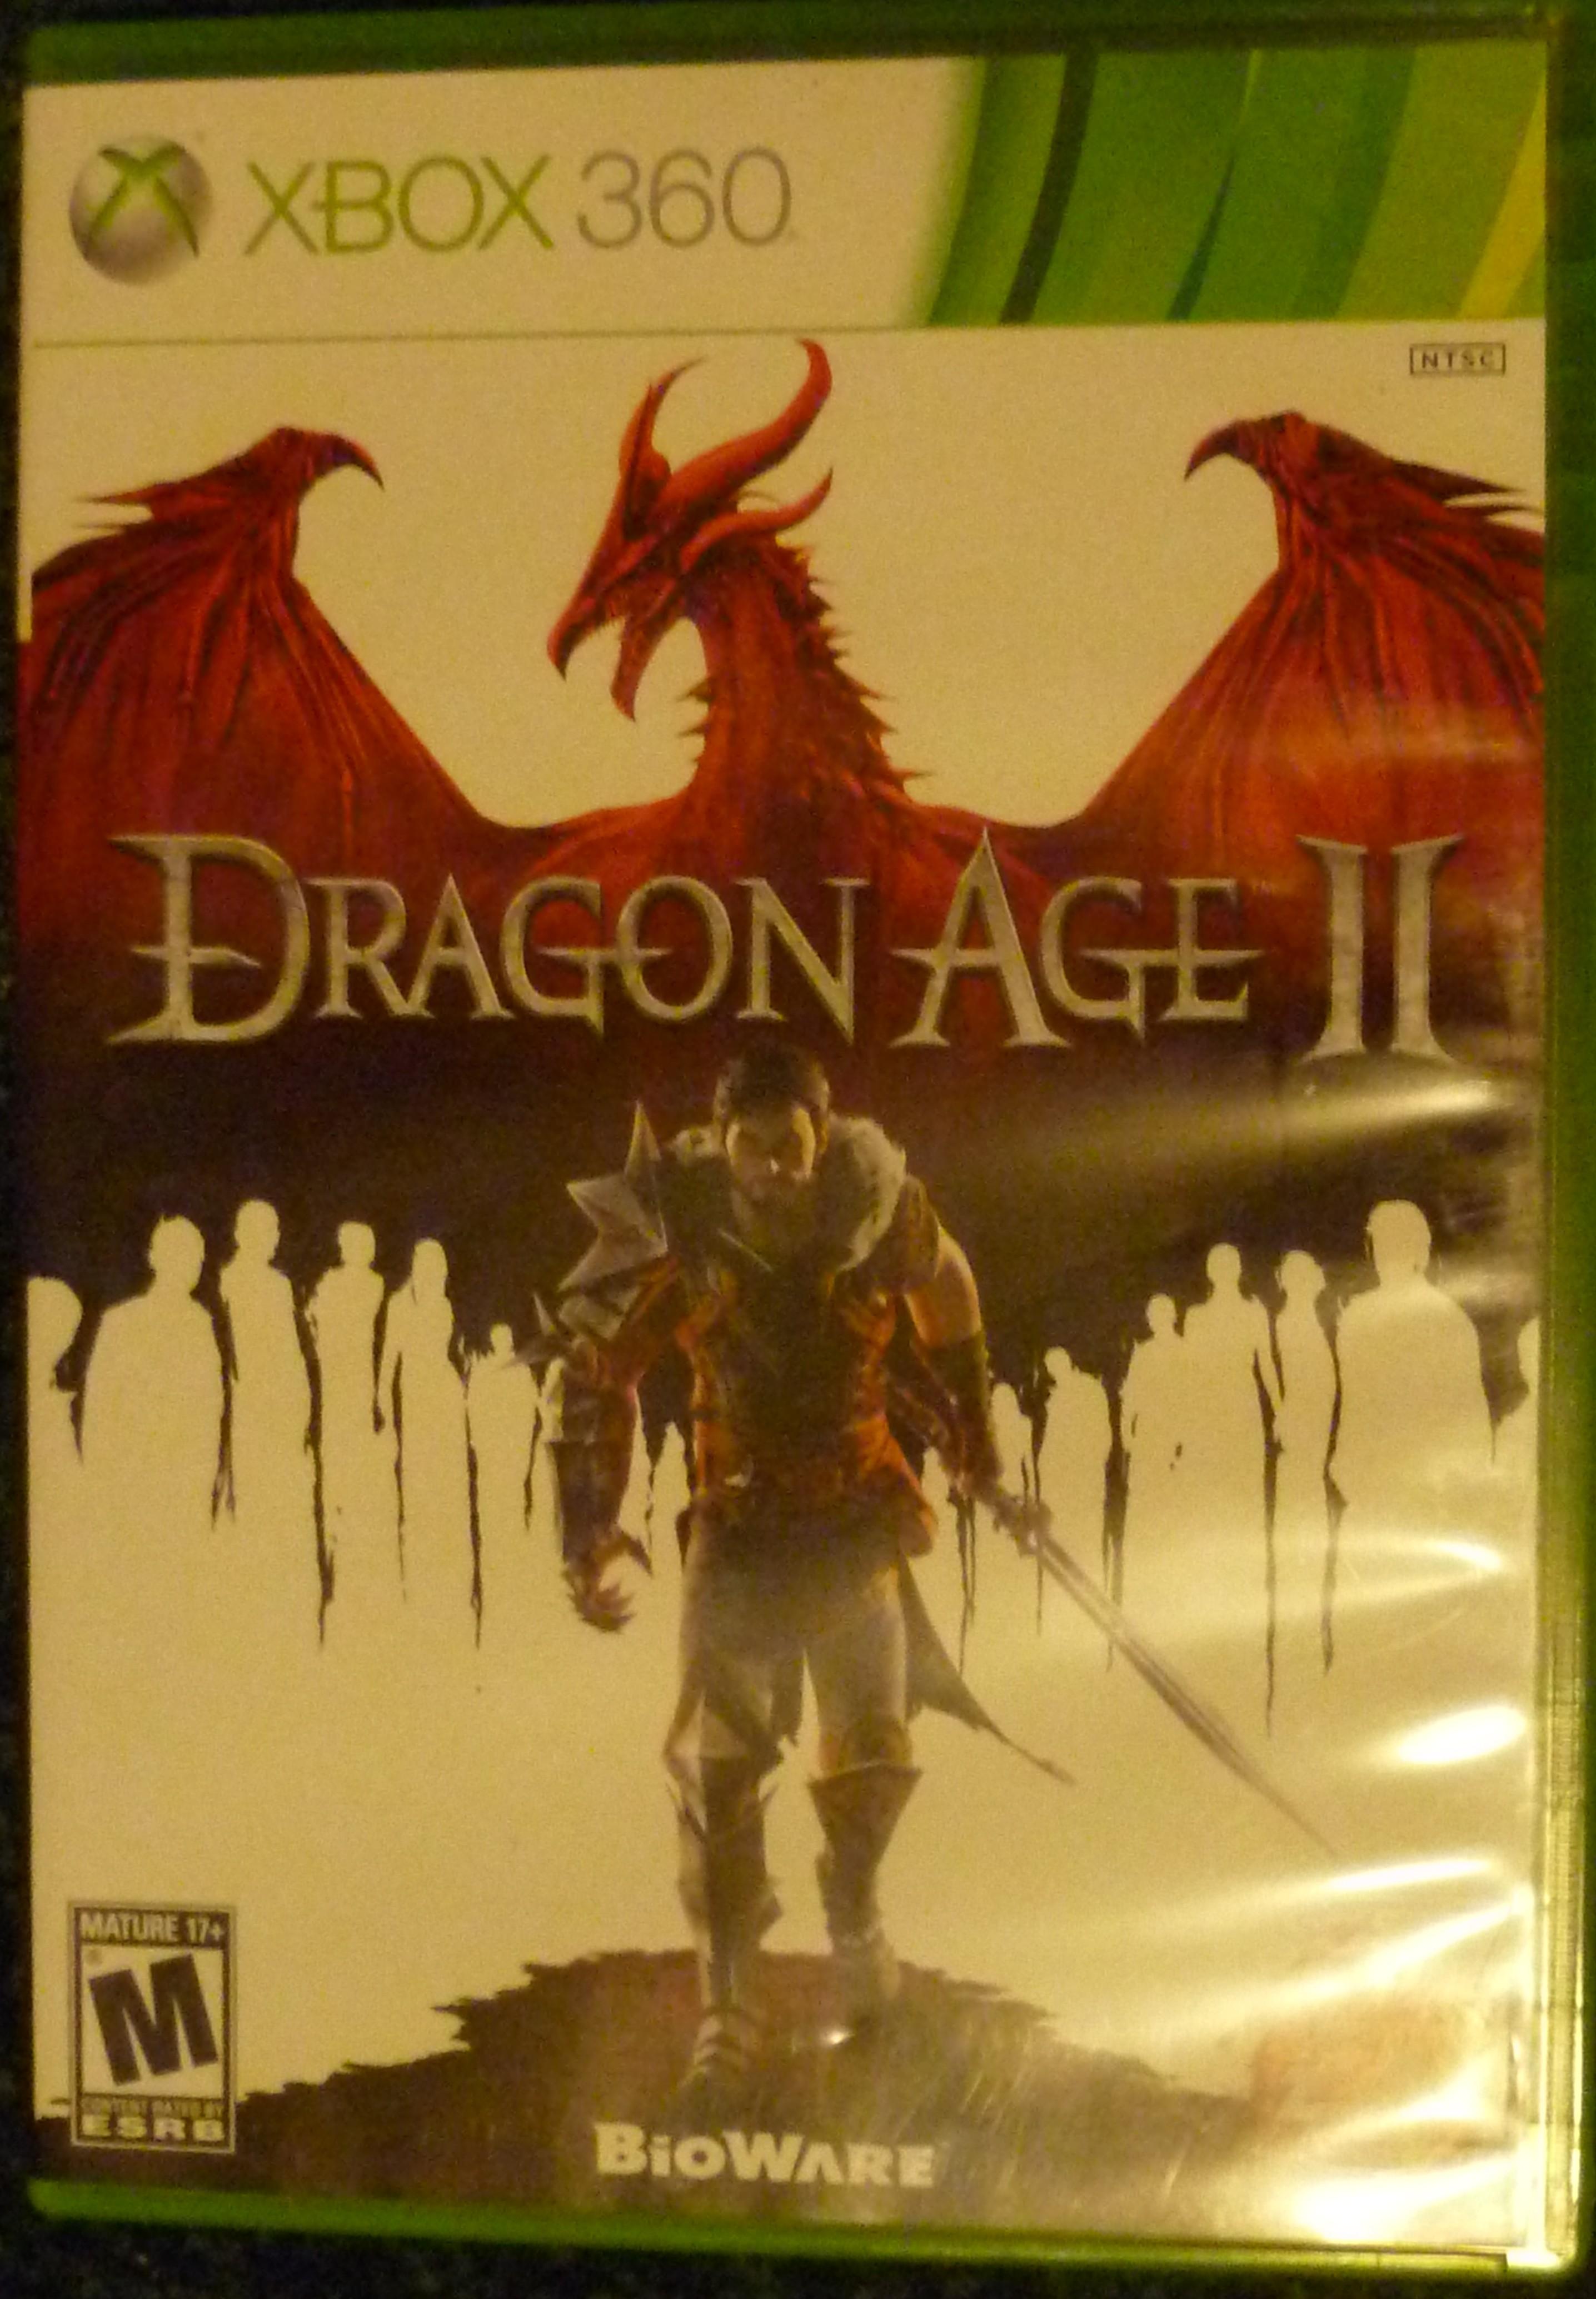 dragon-age-ii-xbox-360-cover-e1341113524636.jpg